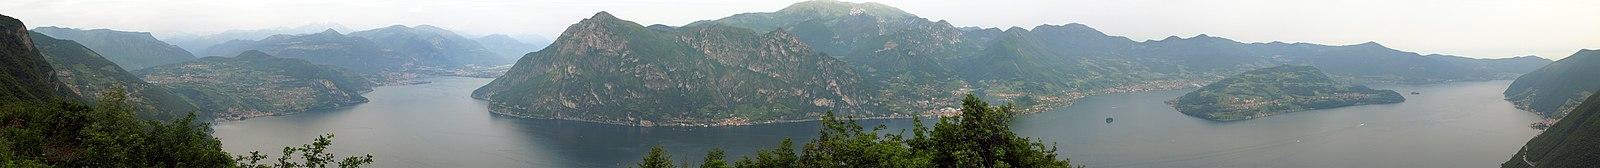 PanoramaParzanica.jpg